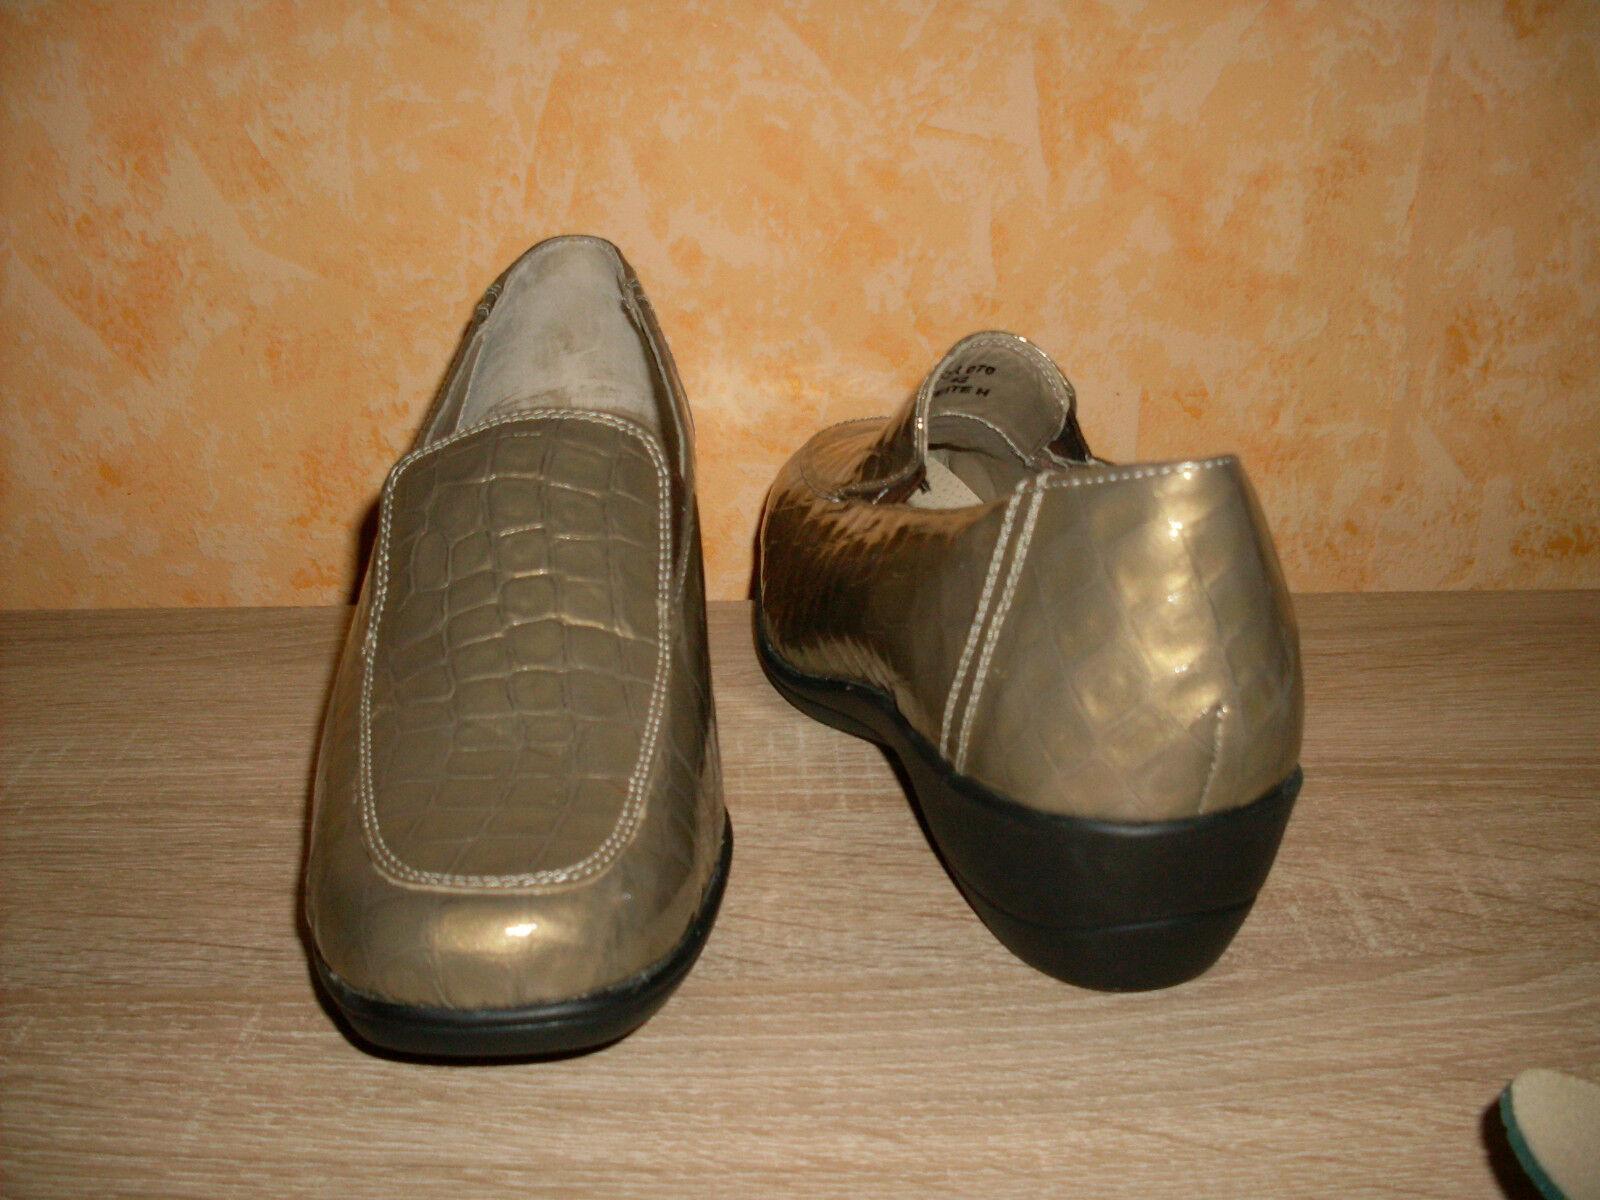 Zapato de mujer verde Comfort Slipper nuevo talla 42 42 42 H en platino & charol óptica muy cómodo  buena reputación